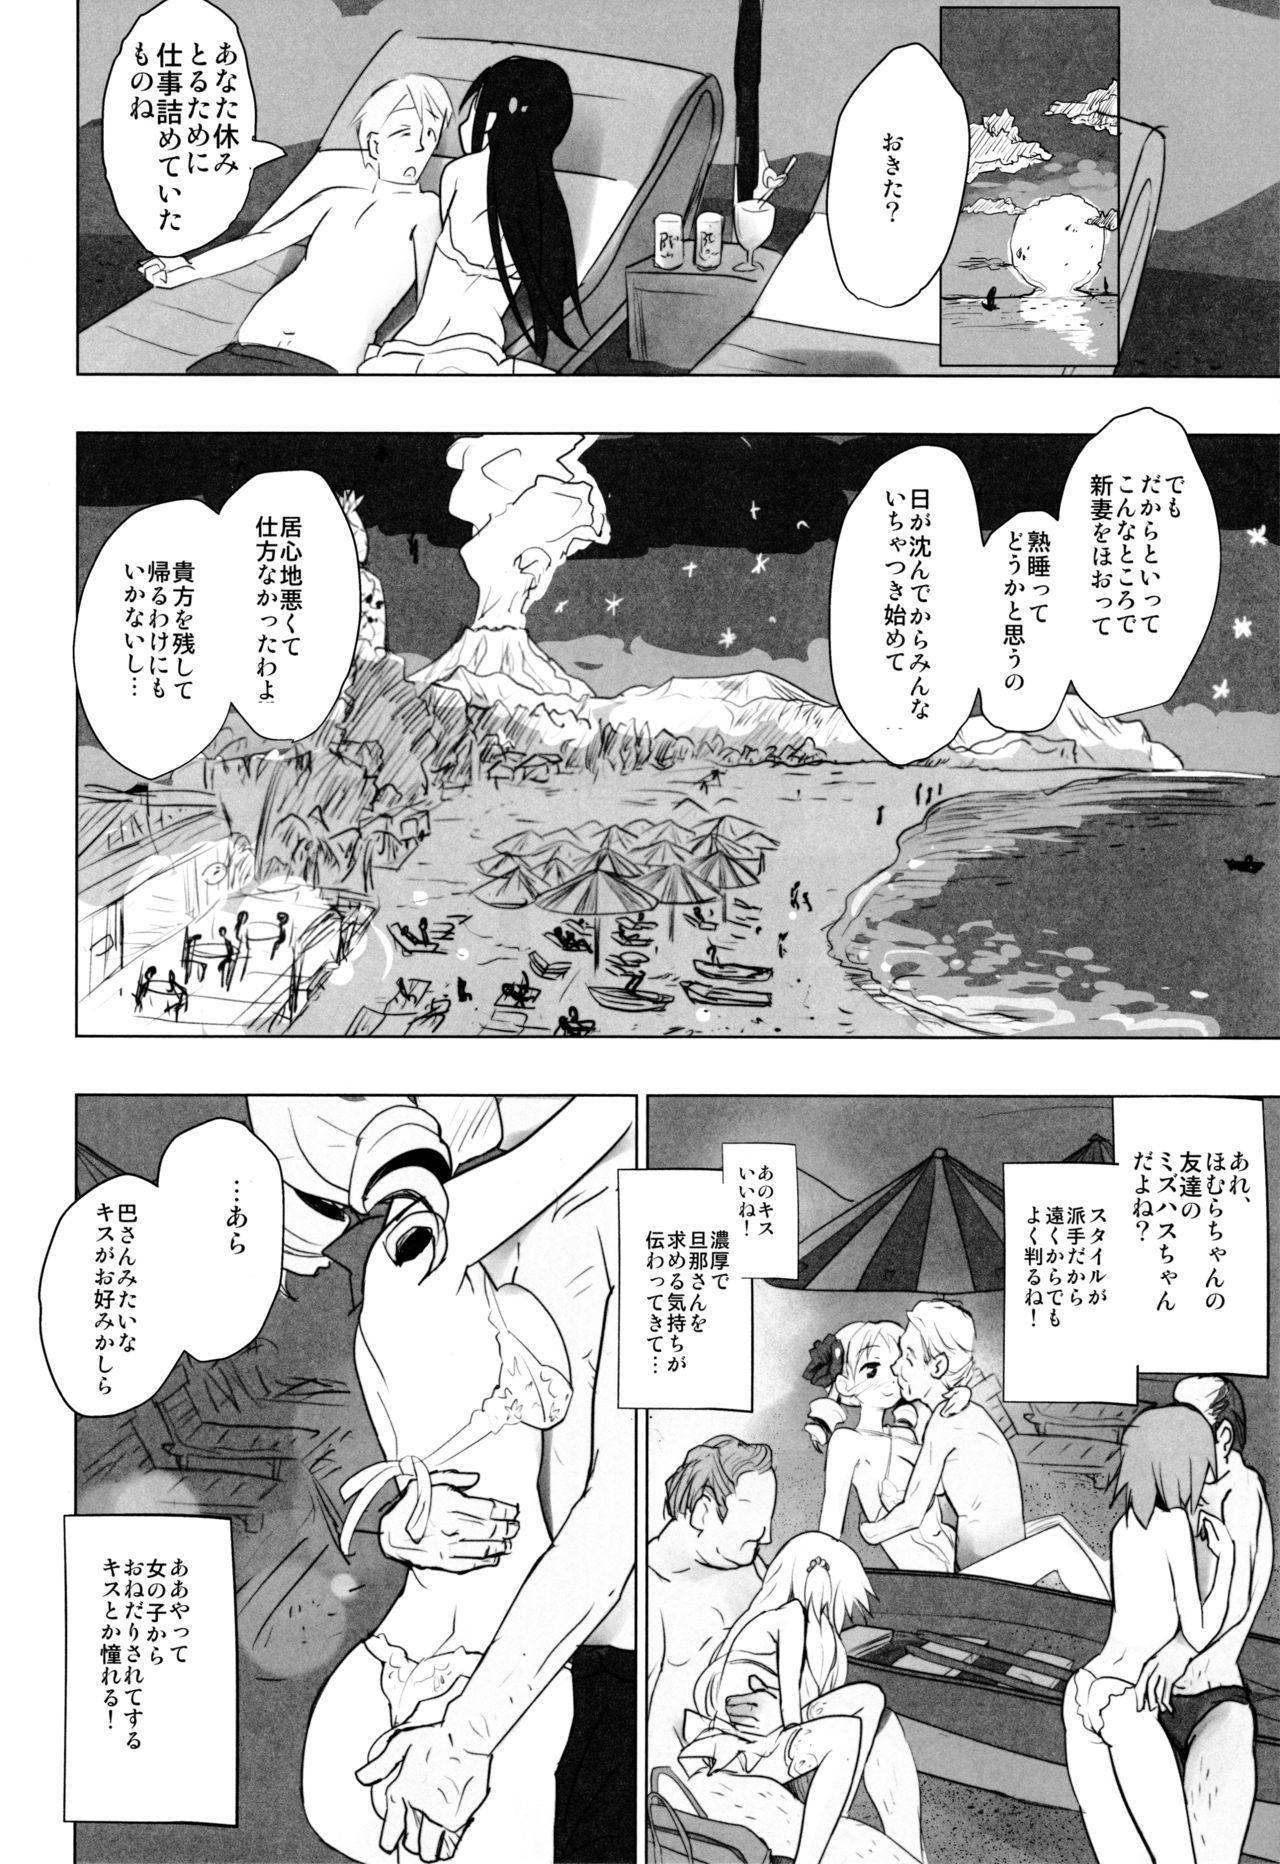 Anata no Koto ga Daisuki na Homura-chan to Iku Shuudan Roshutsu Shinkon Ryokou Hawaii!! 10